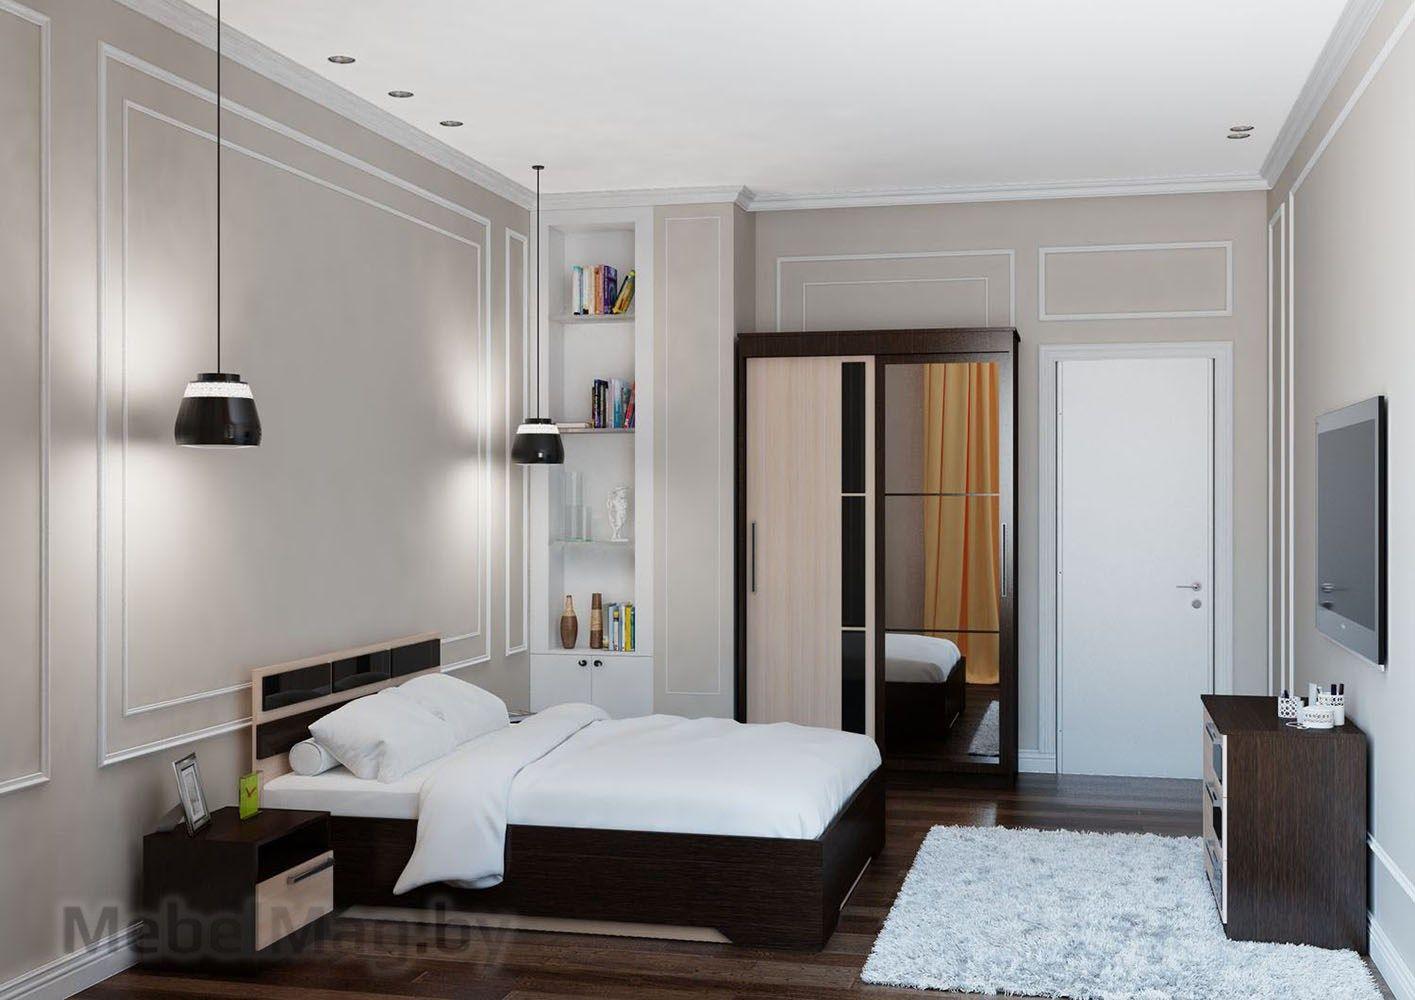 Спальня Эдем 2 - Венге набор 3